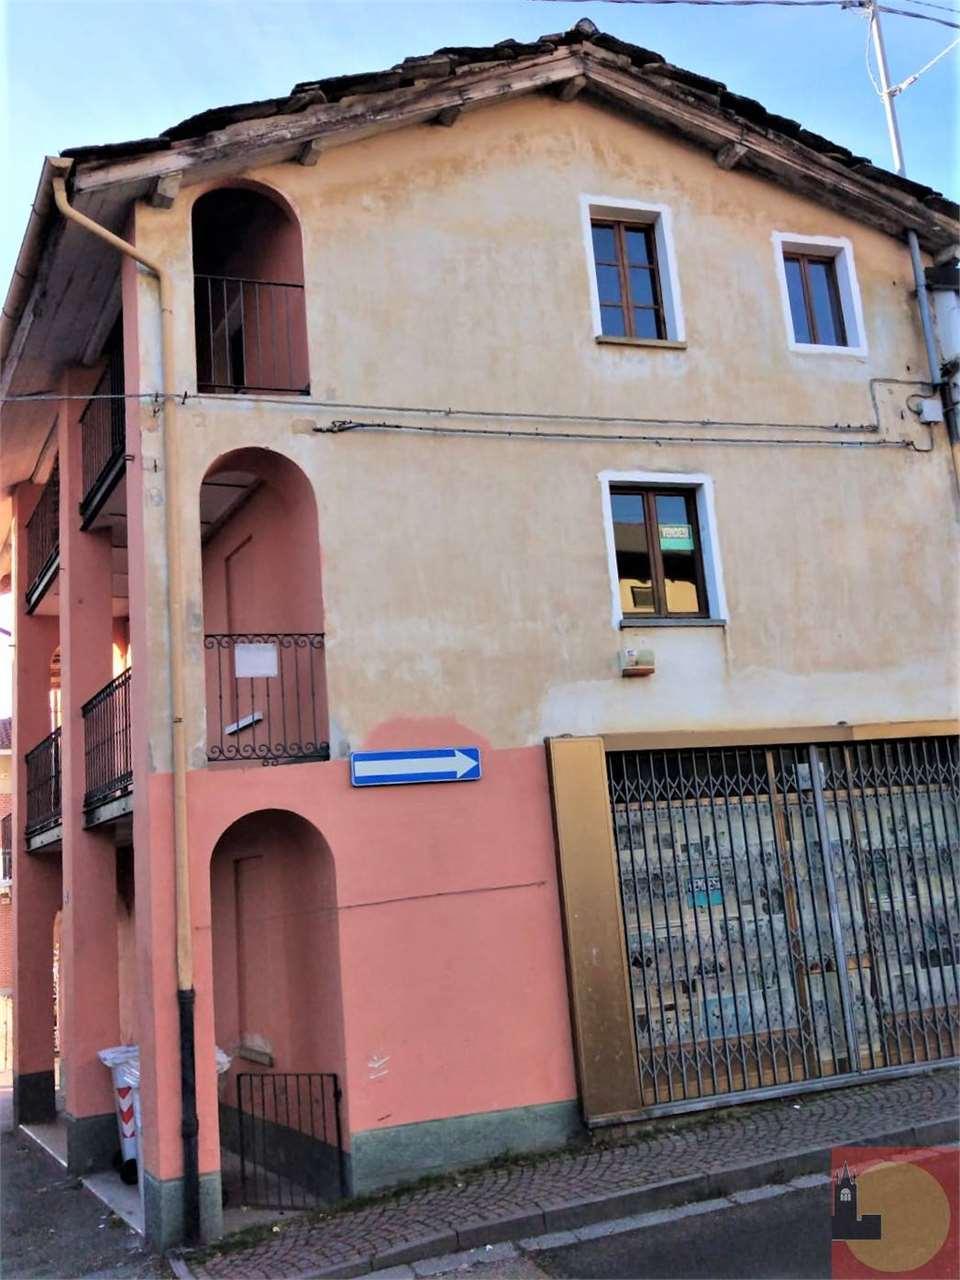 Vendita Casa Indipendente Casa/Villa Coazze Via Matteotti 100 248025